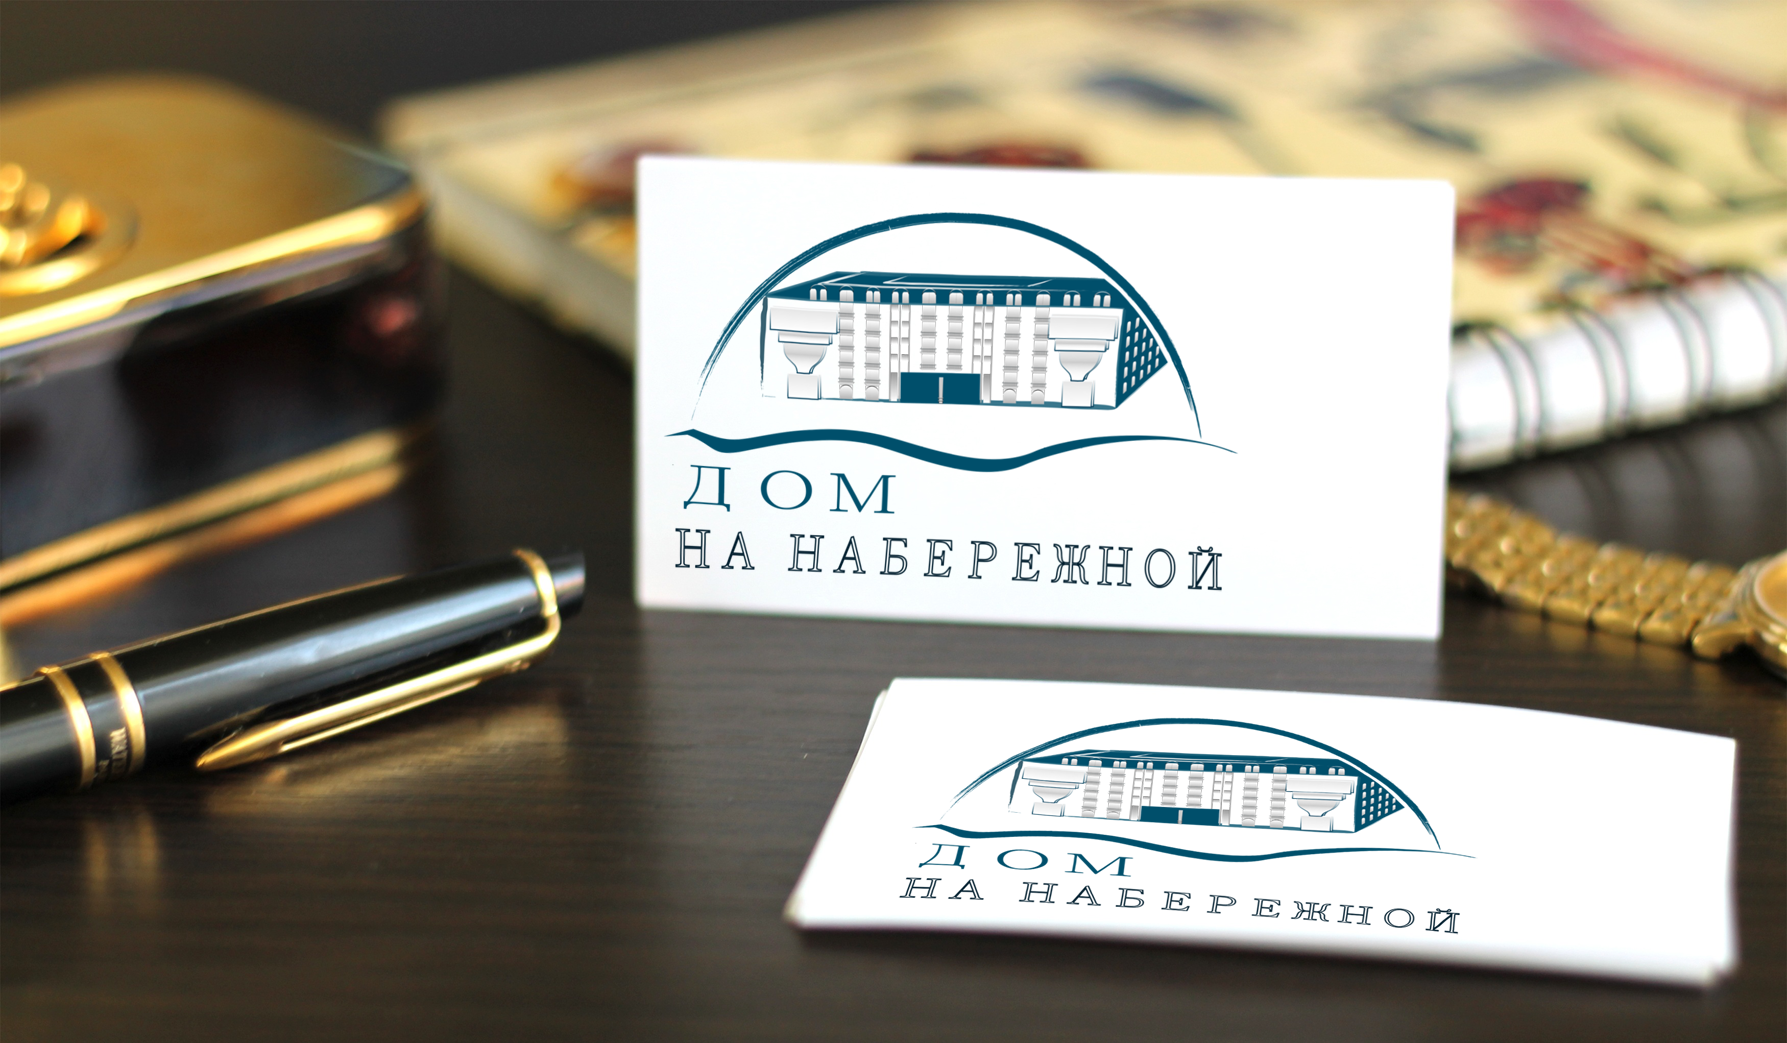 РАЗРАБОТКА логотипа для ЖИЛОГО КОМПЛЕКСА премиум В АНАПЕ.  фото f_1025dee3b4f04a03.png